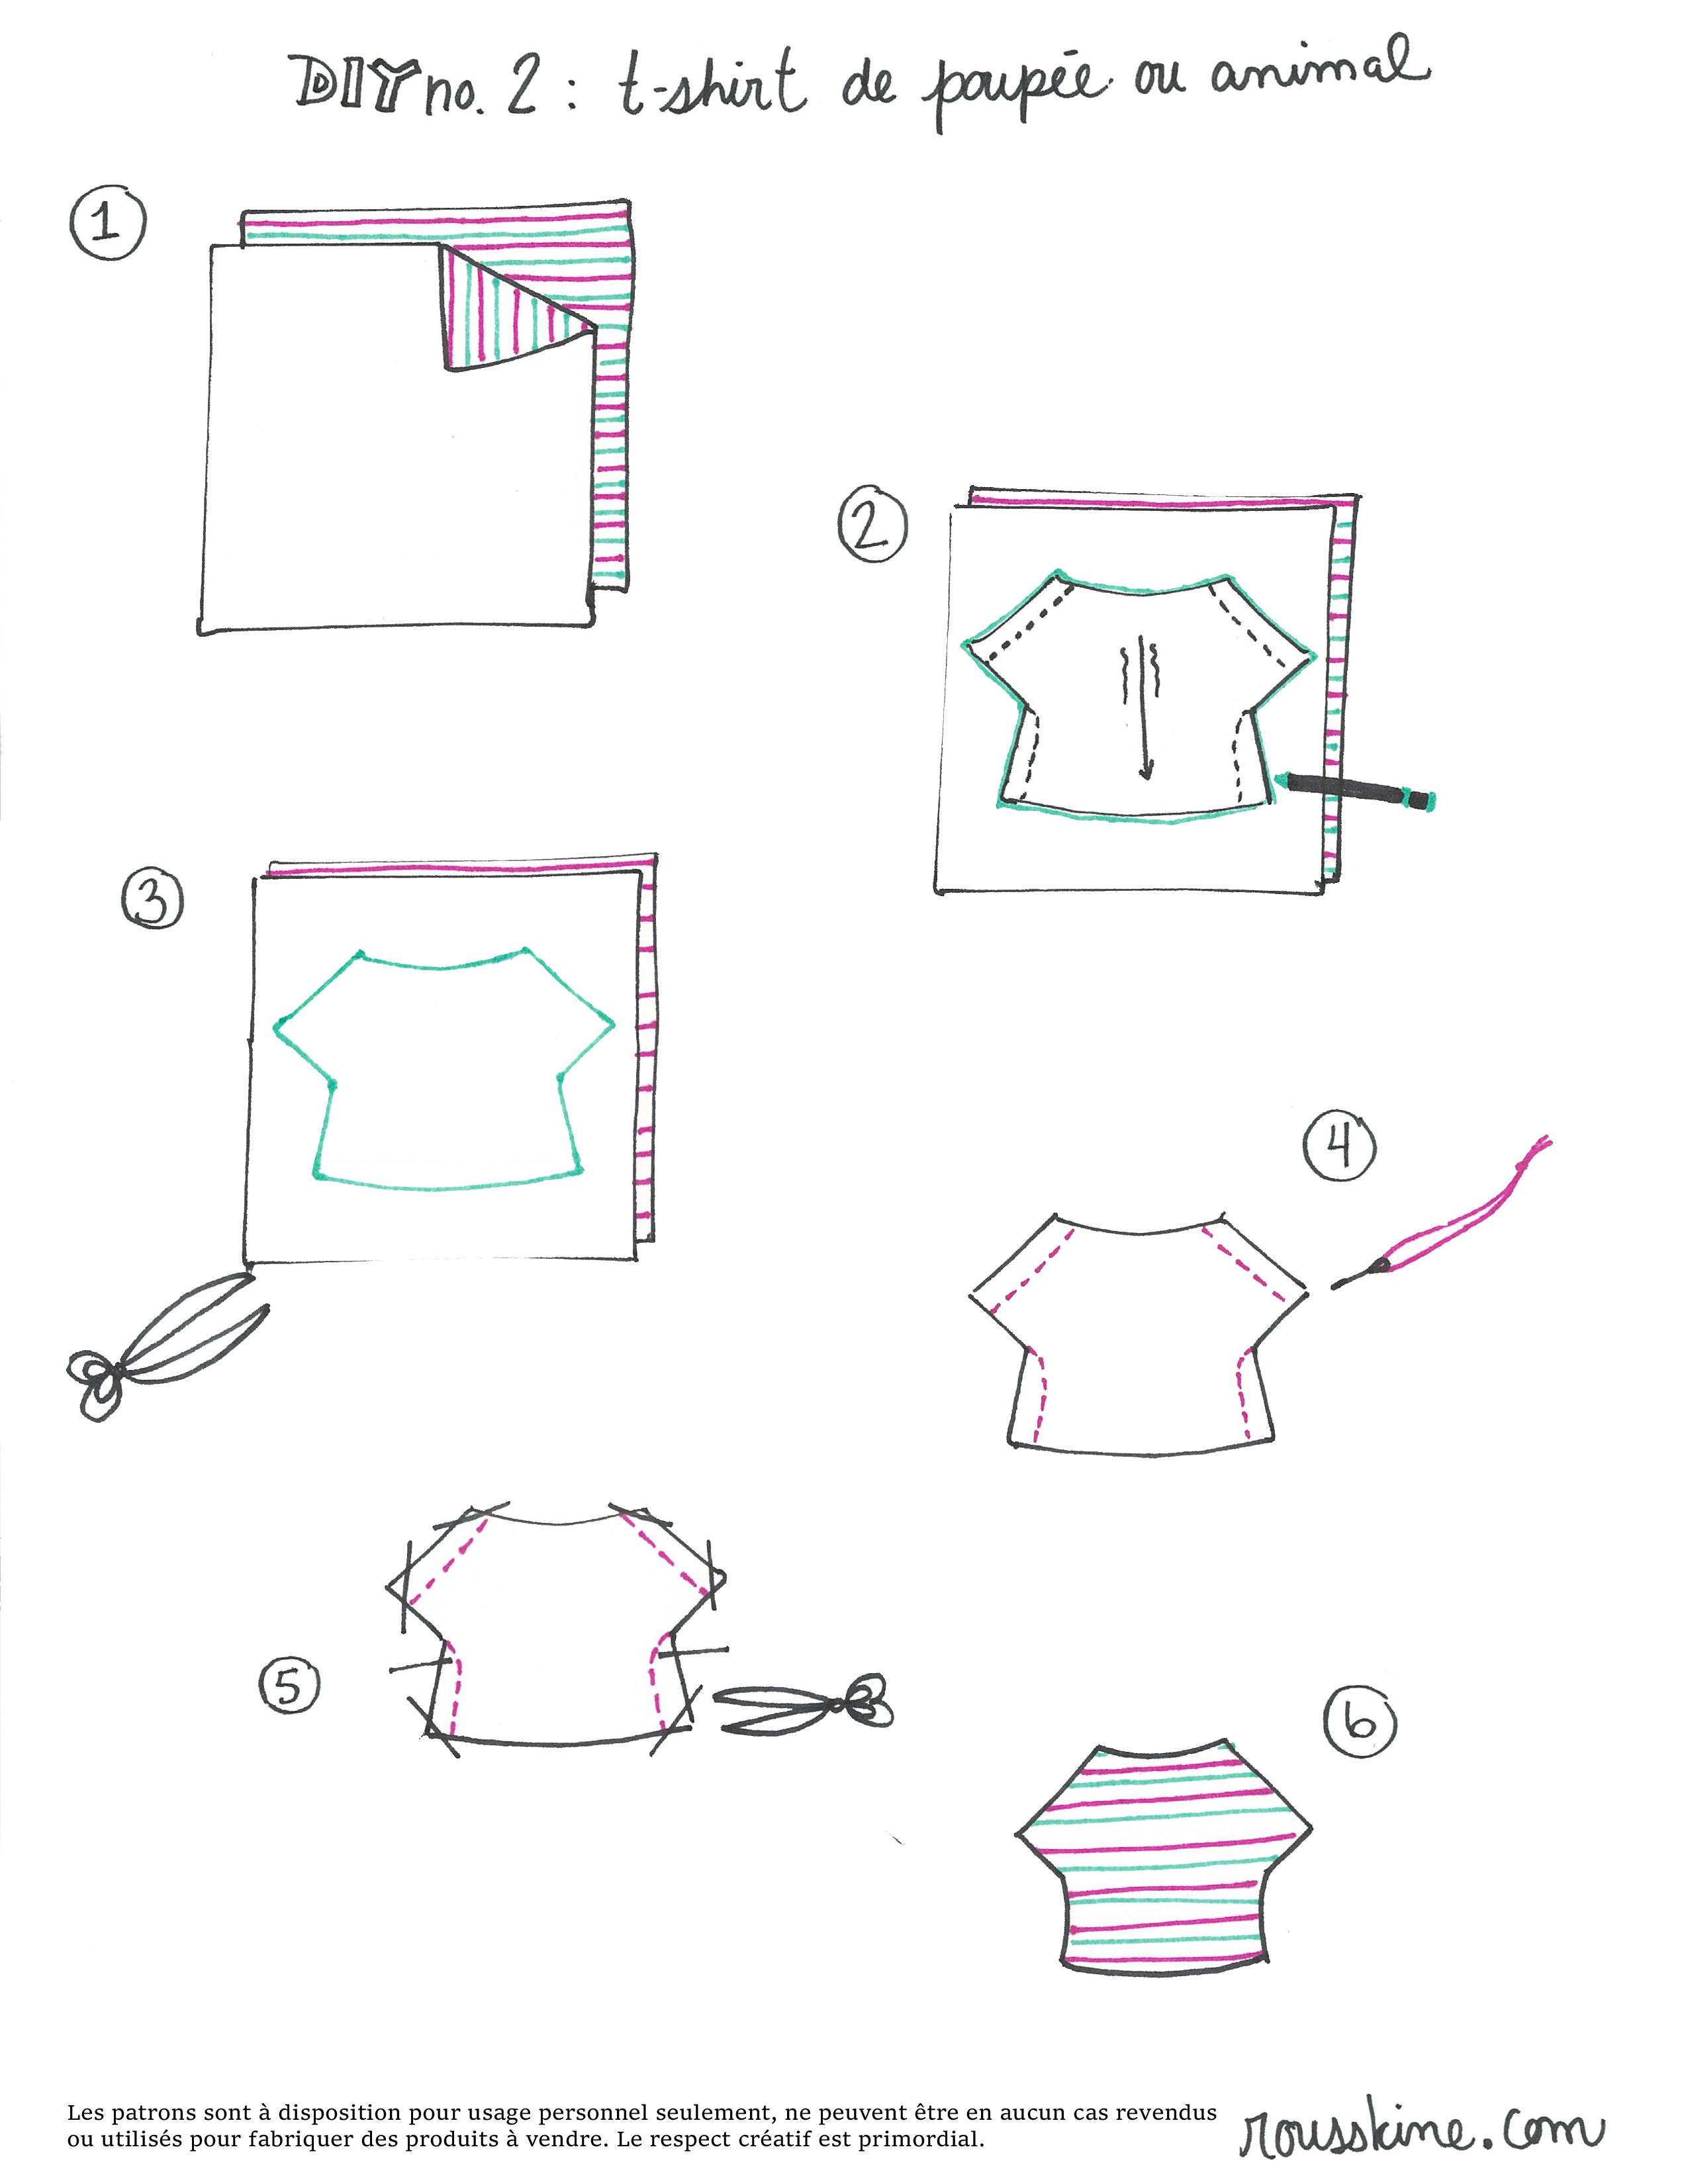 instruction-tshirt-rousskine